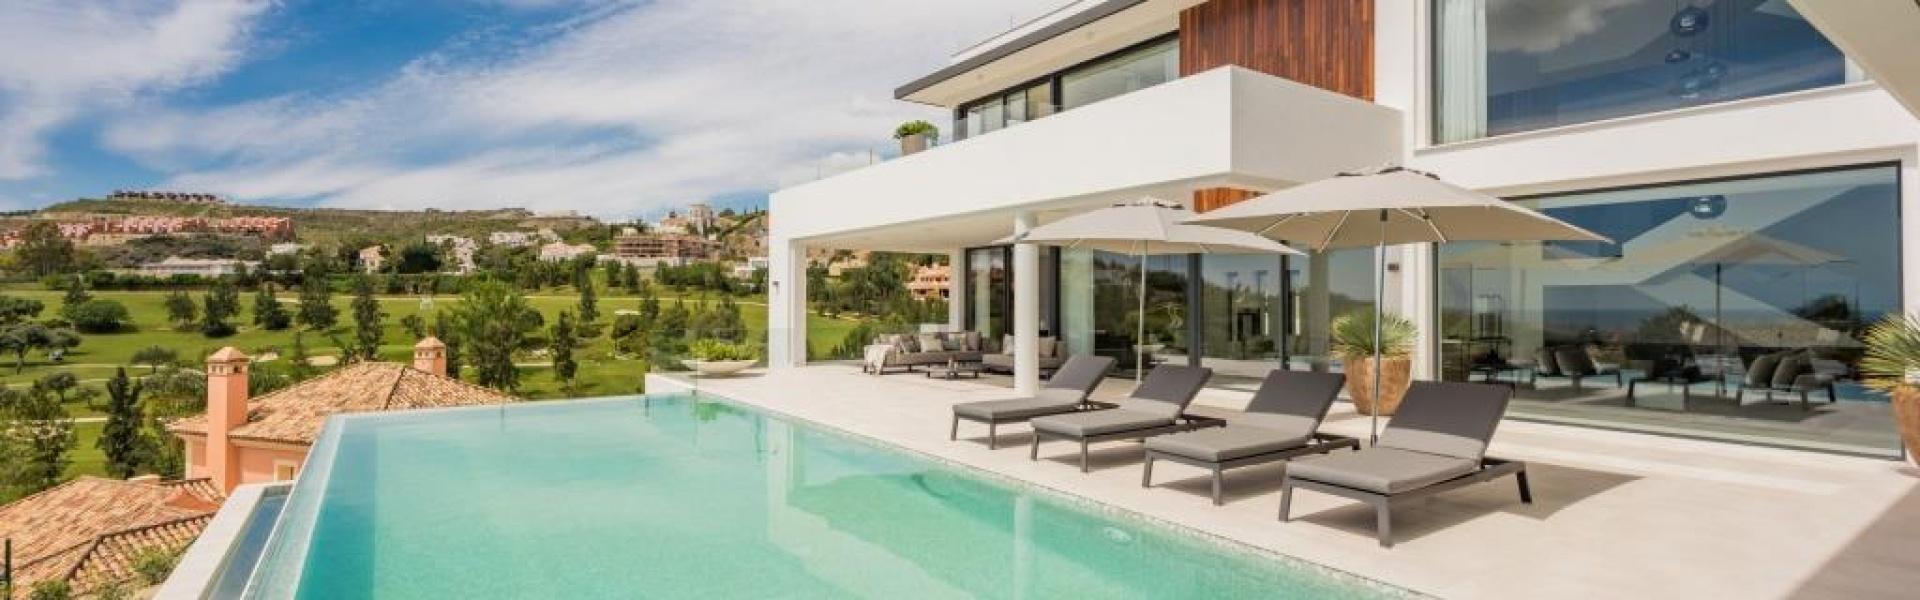 Modern Villa for sale in La Alqueria Benahavis Marbella